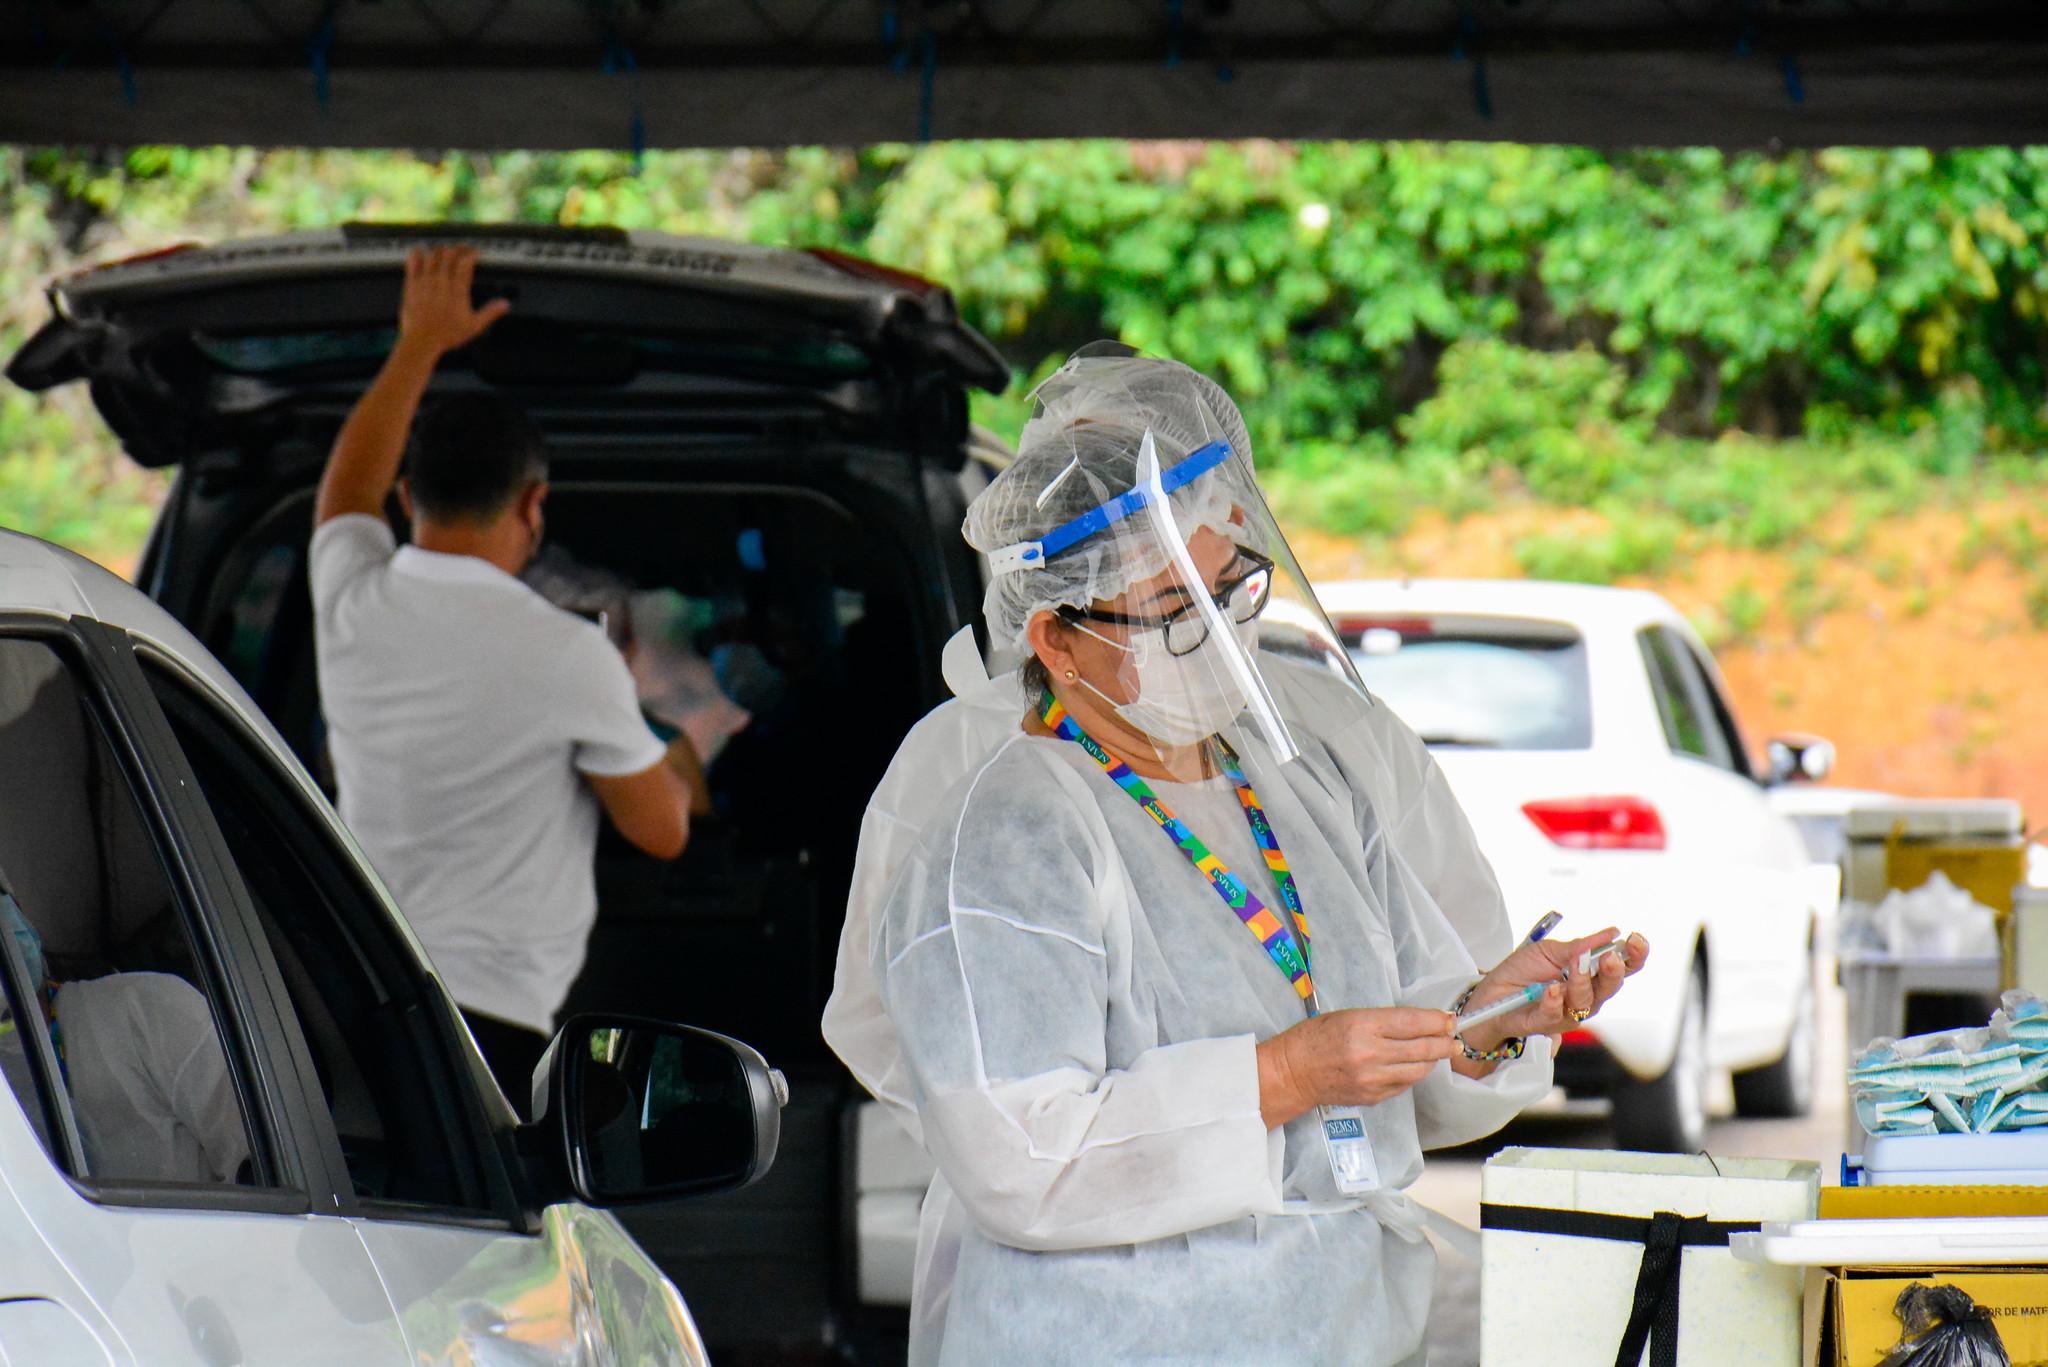 Prefeitura abre mais um posto de vacinação contra a Covid-19 para trabalhadores de saúde